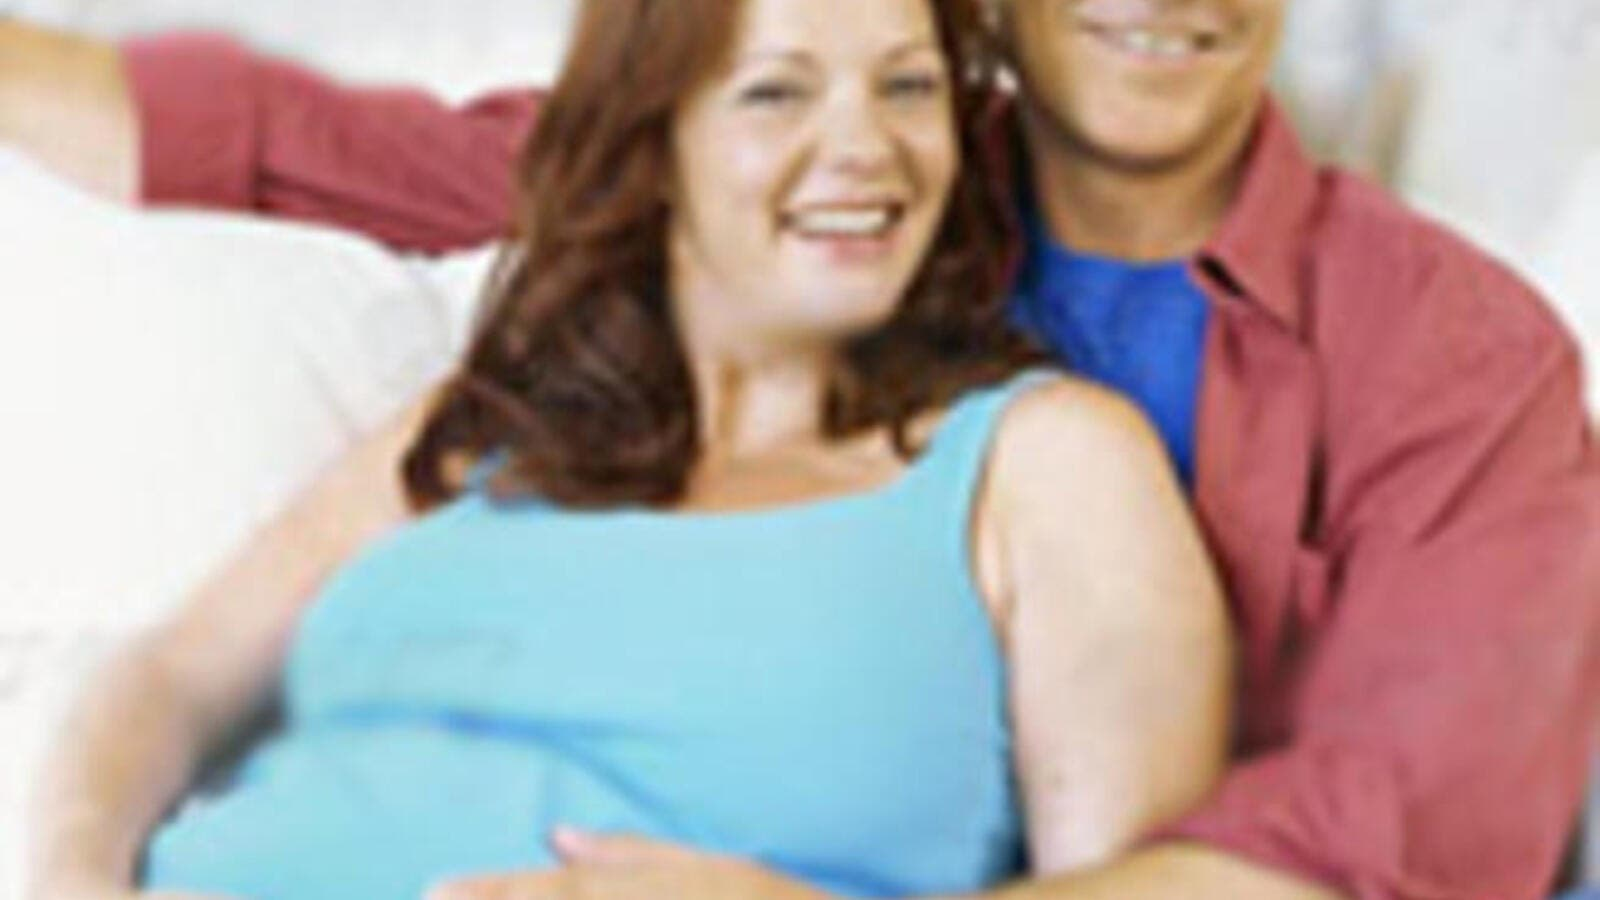 264030b2c79ec هل تساعد ممارسة الجنس في الاسابيع الاخيرة من الحمل على الولادة ...